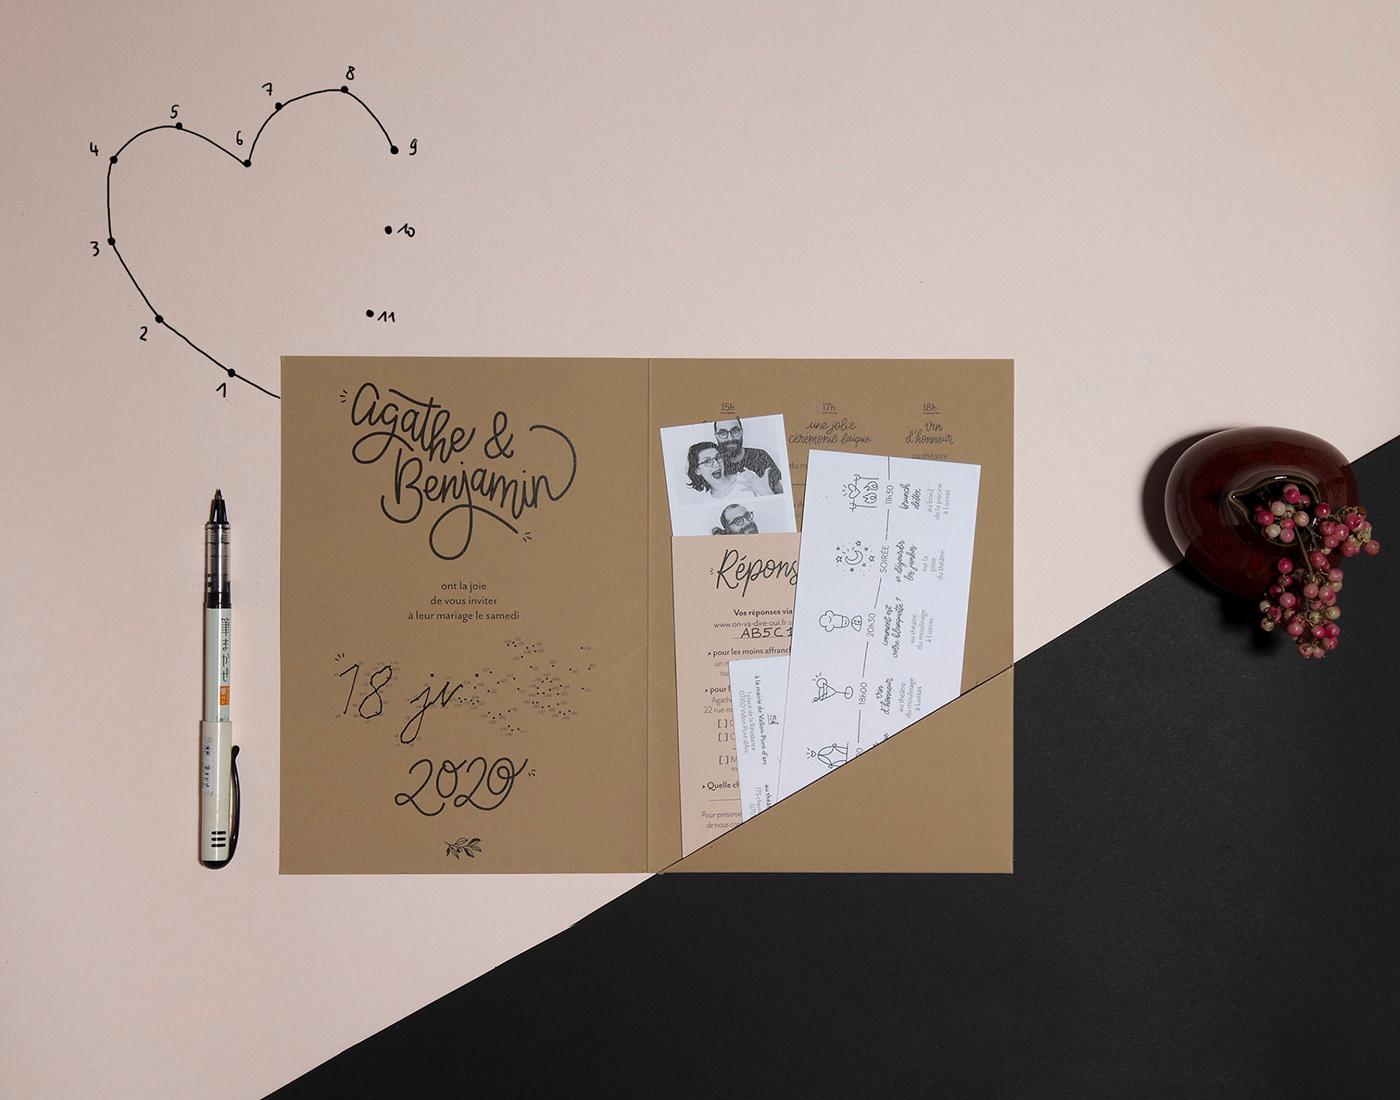 dessin faire part graphisme ILLUSTRATION  Invitation lettering mise en page Objet imprimé papier print